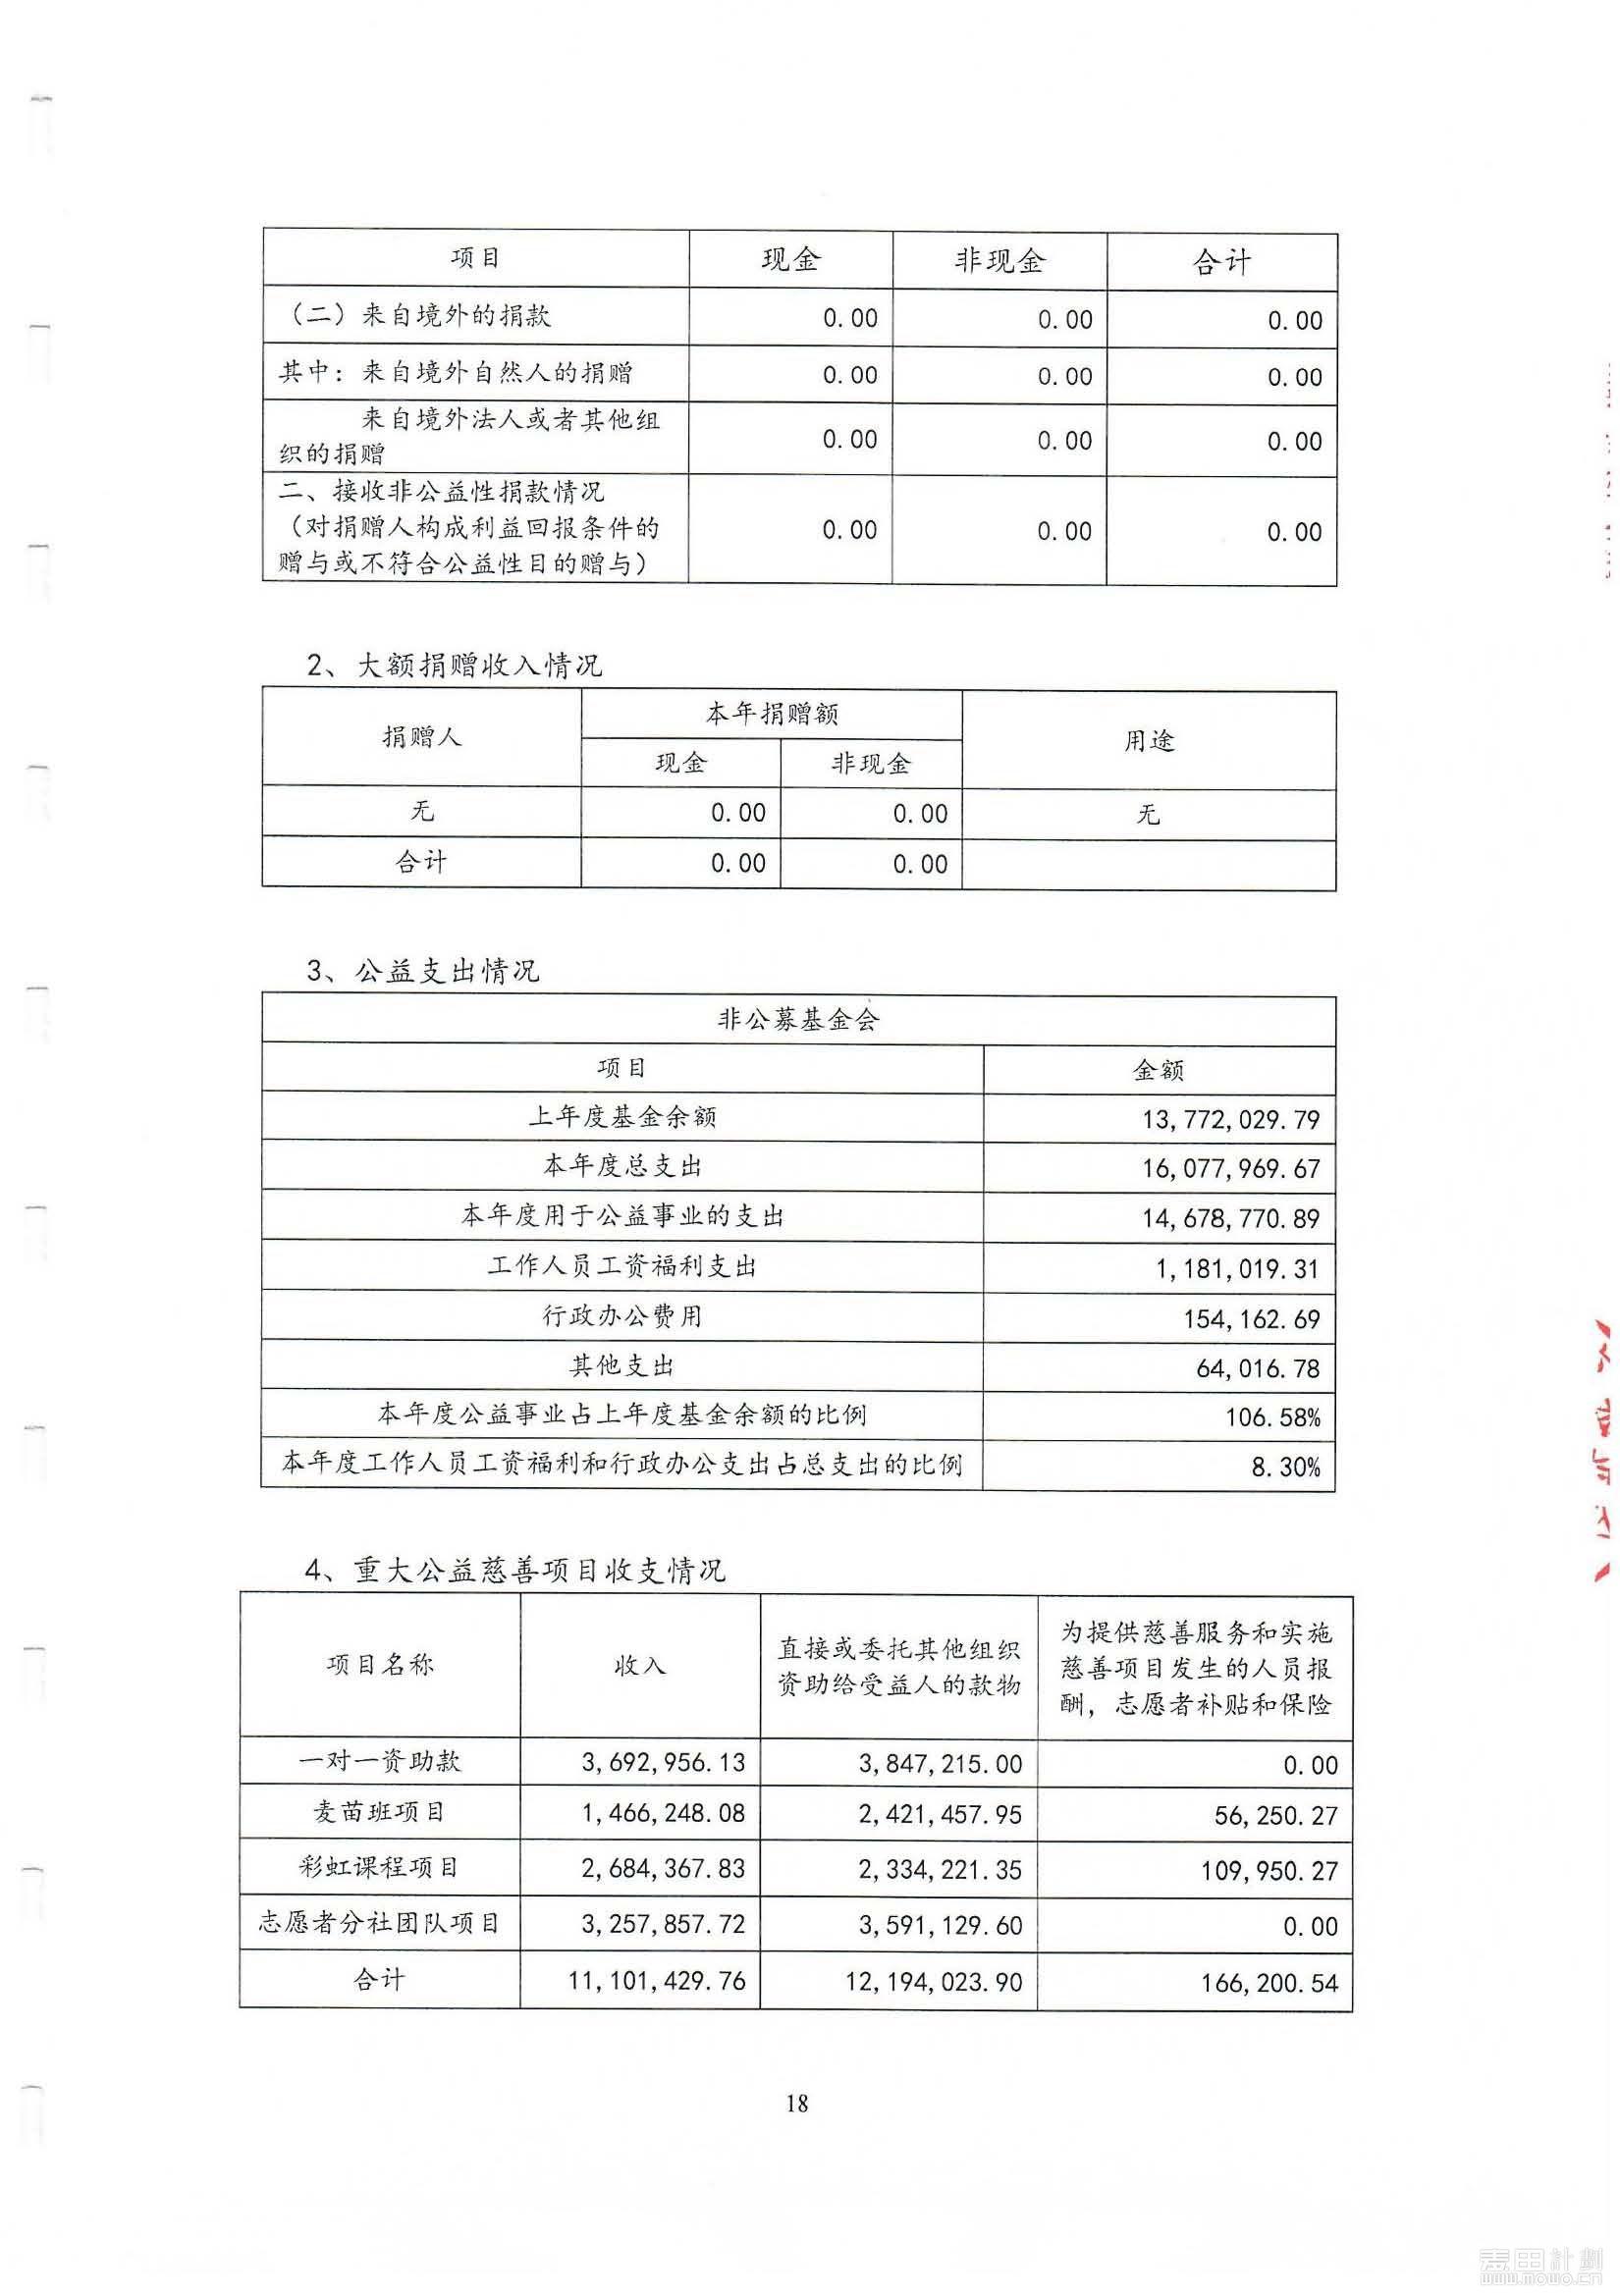 2018年麦田审计报告_页面_20.jpg